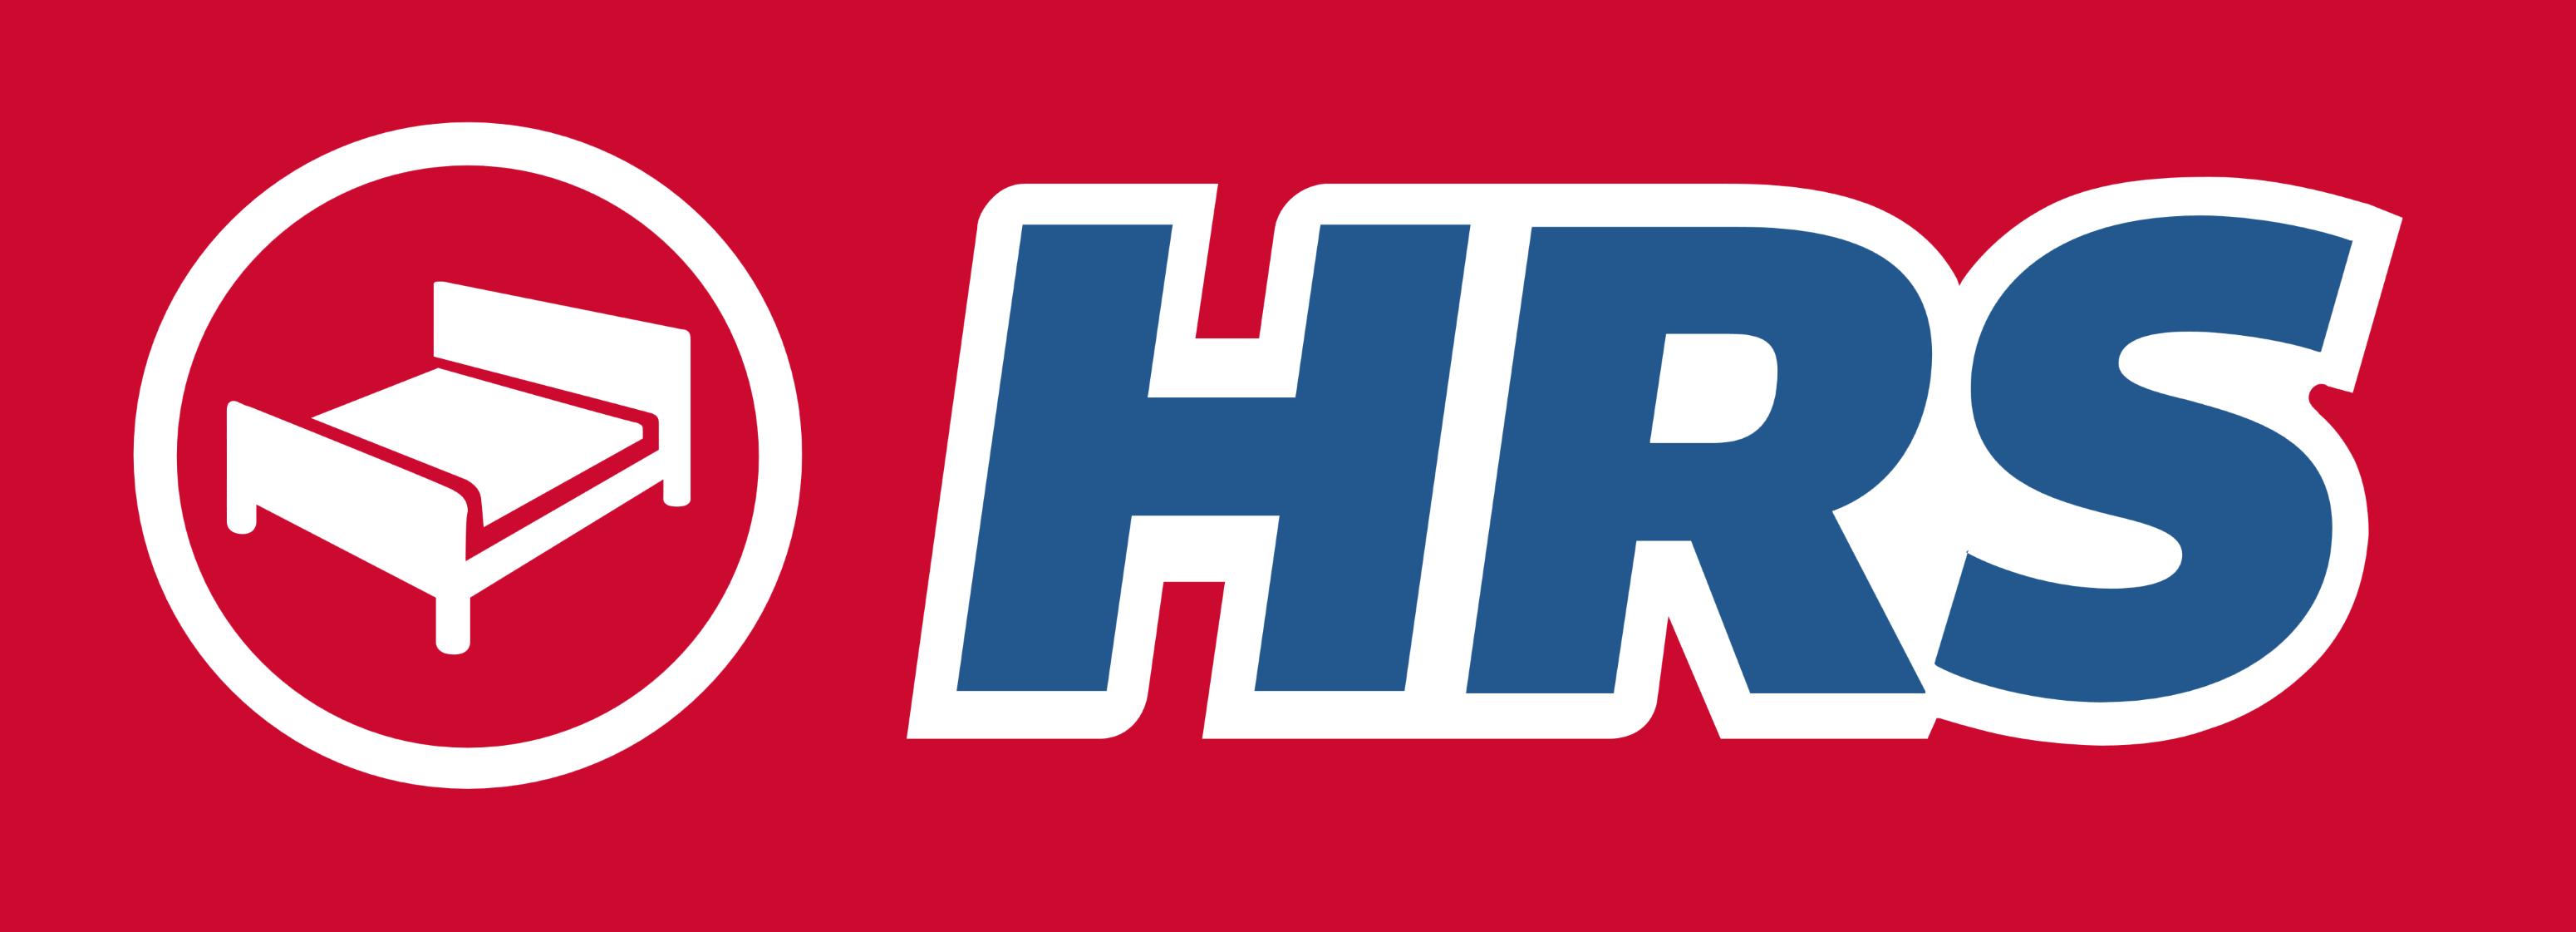 HRS logo, logotype - Hrs Logo PNG